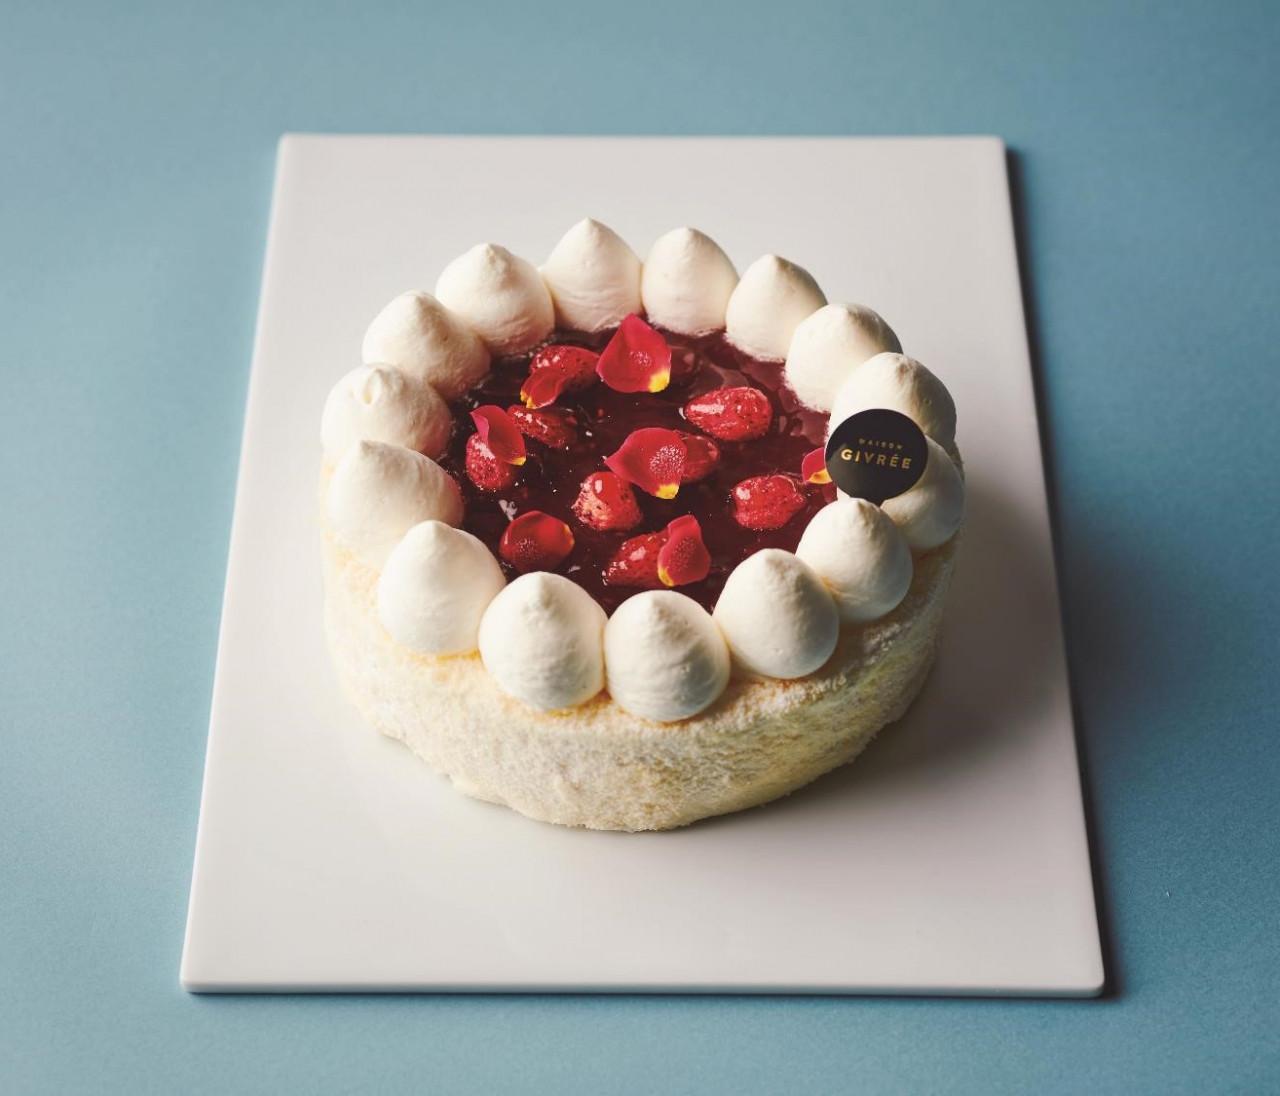 【伊勢丹で冷凍ケーキをお取り寄せ】ピエール・エルメ・パリ、ジャン=ポール・エヴァン...おうちで本格ケーキが食べられる!